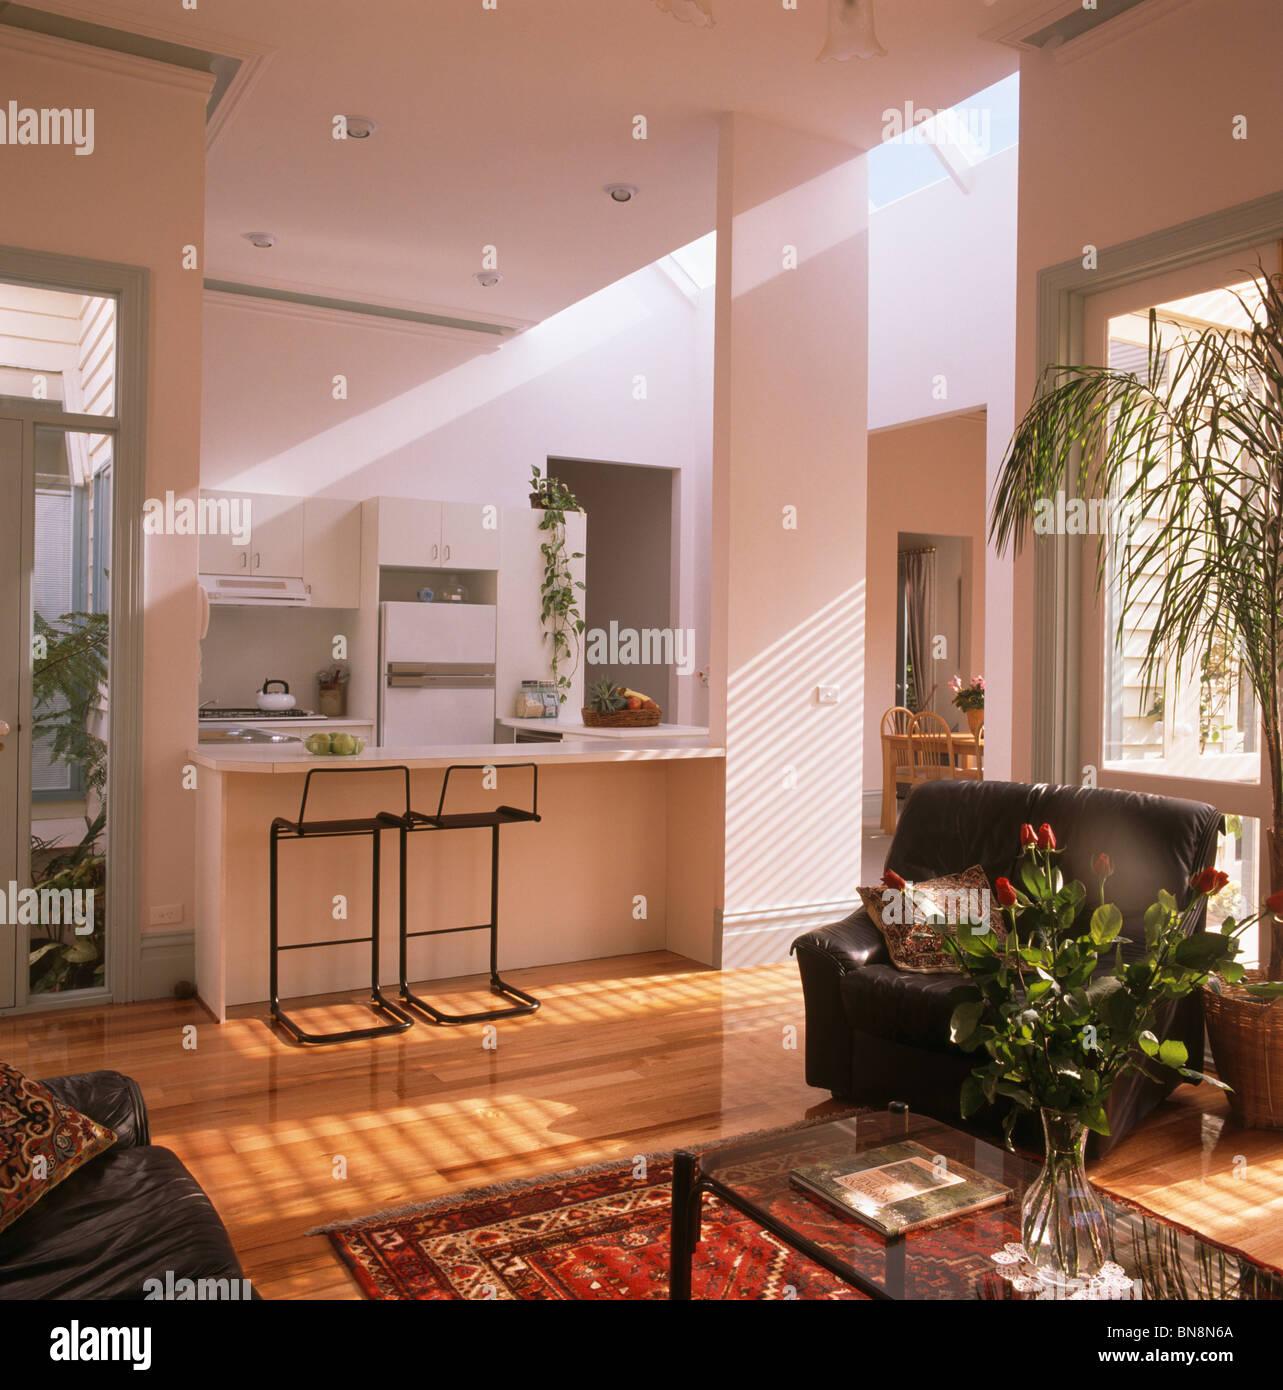 Große offene Wohnzimmer und Küche mit Barhockern im Frühstücks-bar ...